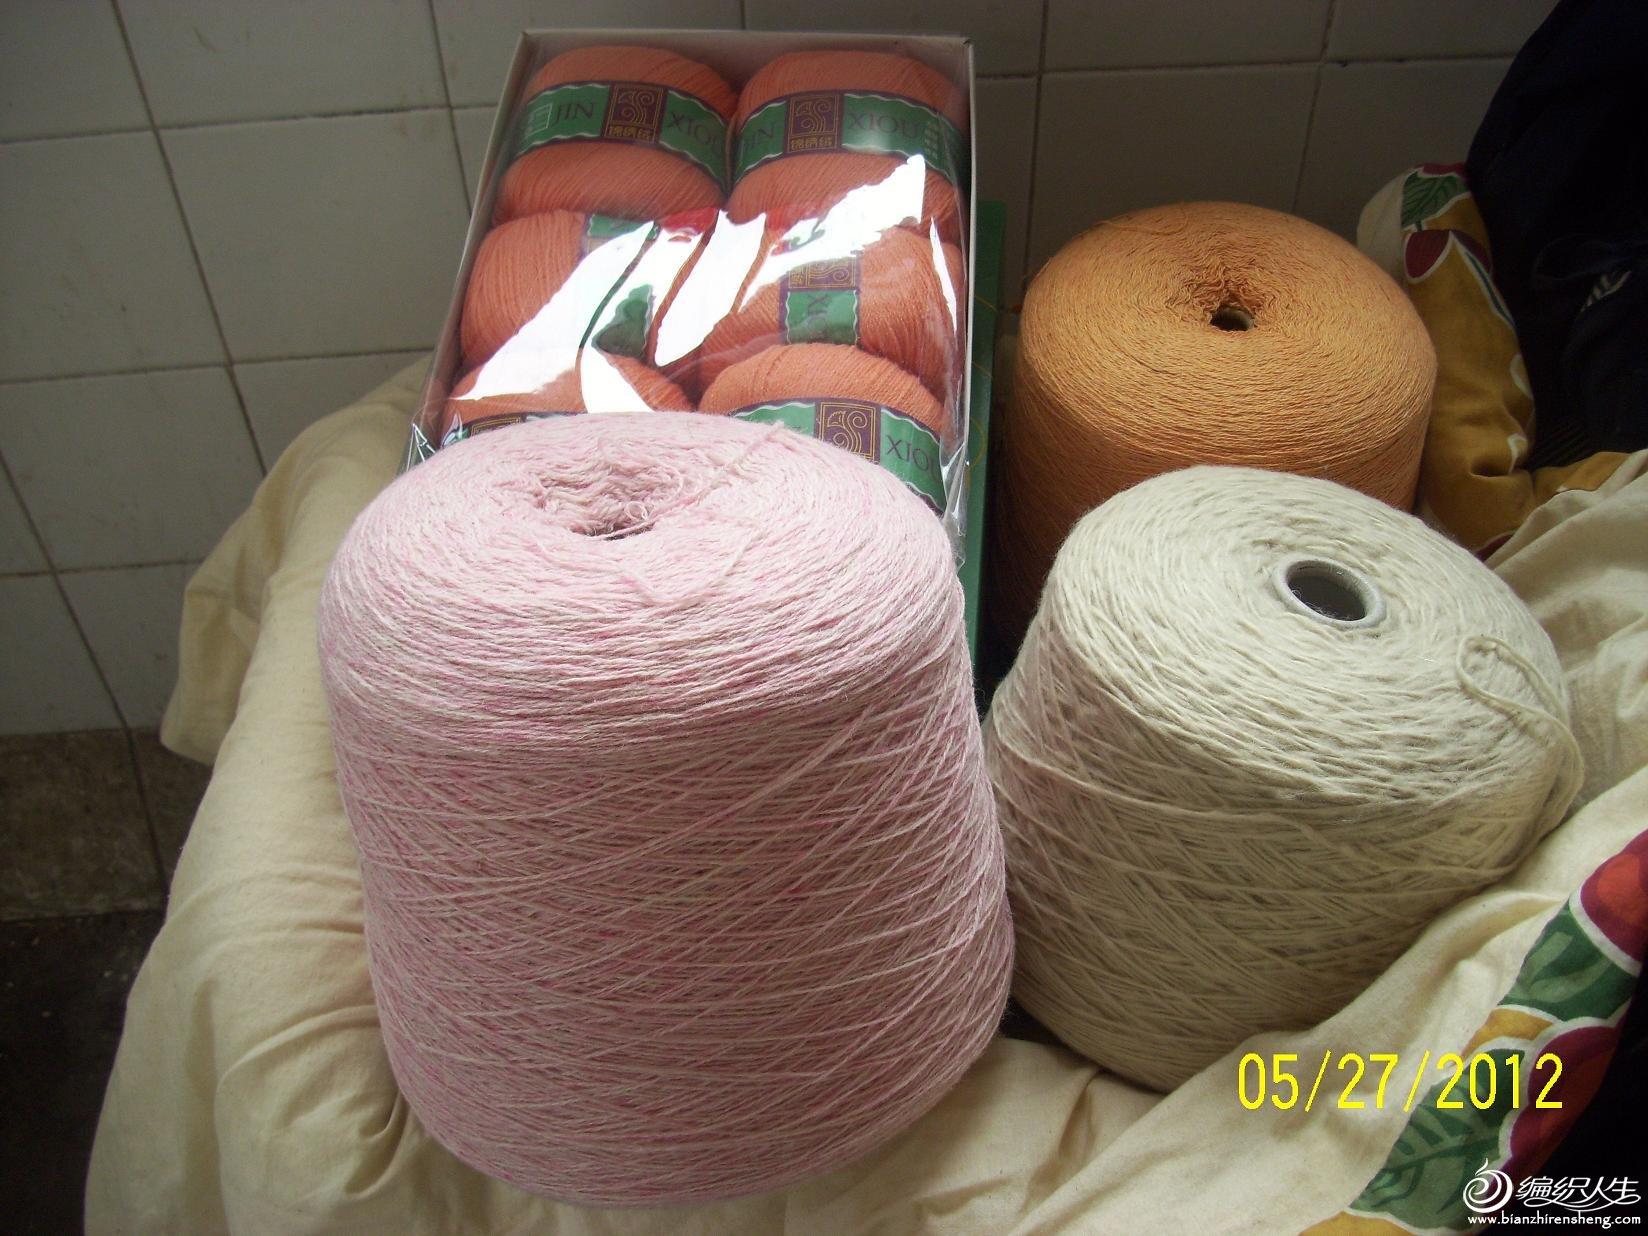 爱兰羊仔毛,蓝家的羊驼和丝羊绒,多彩绒